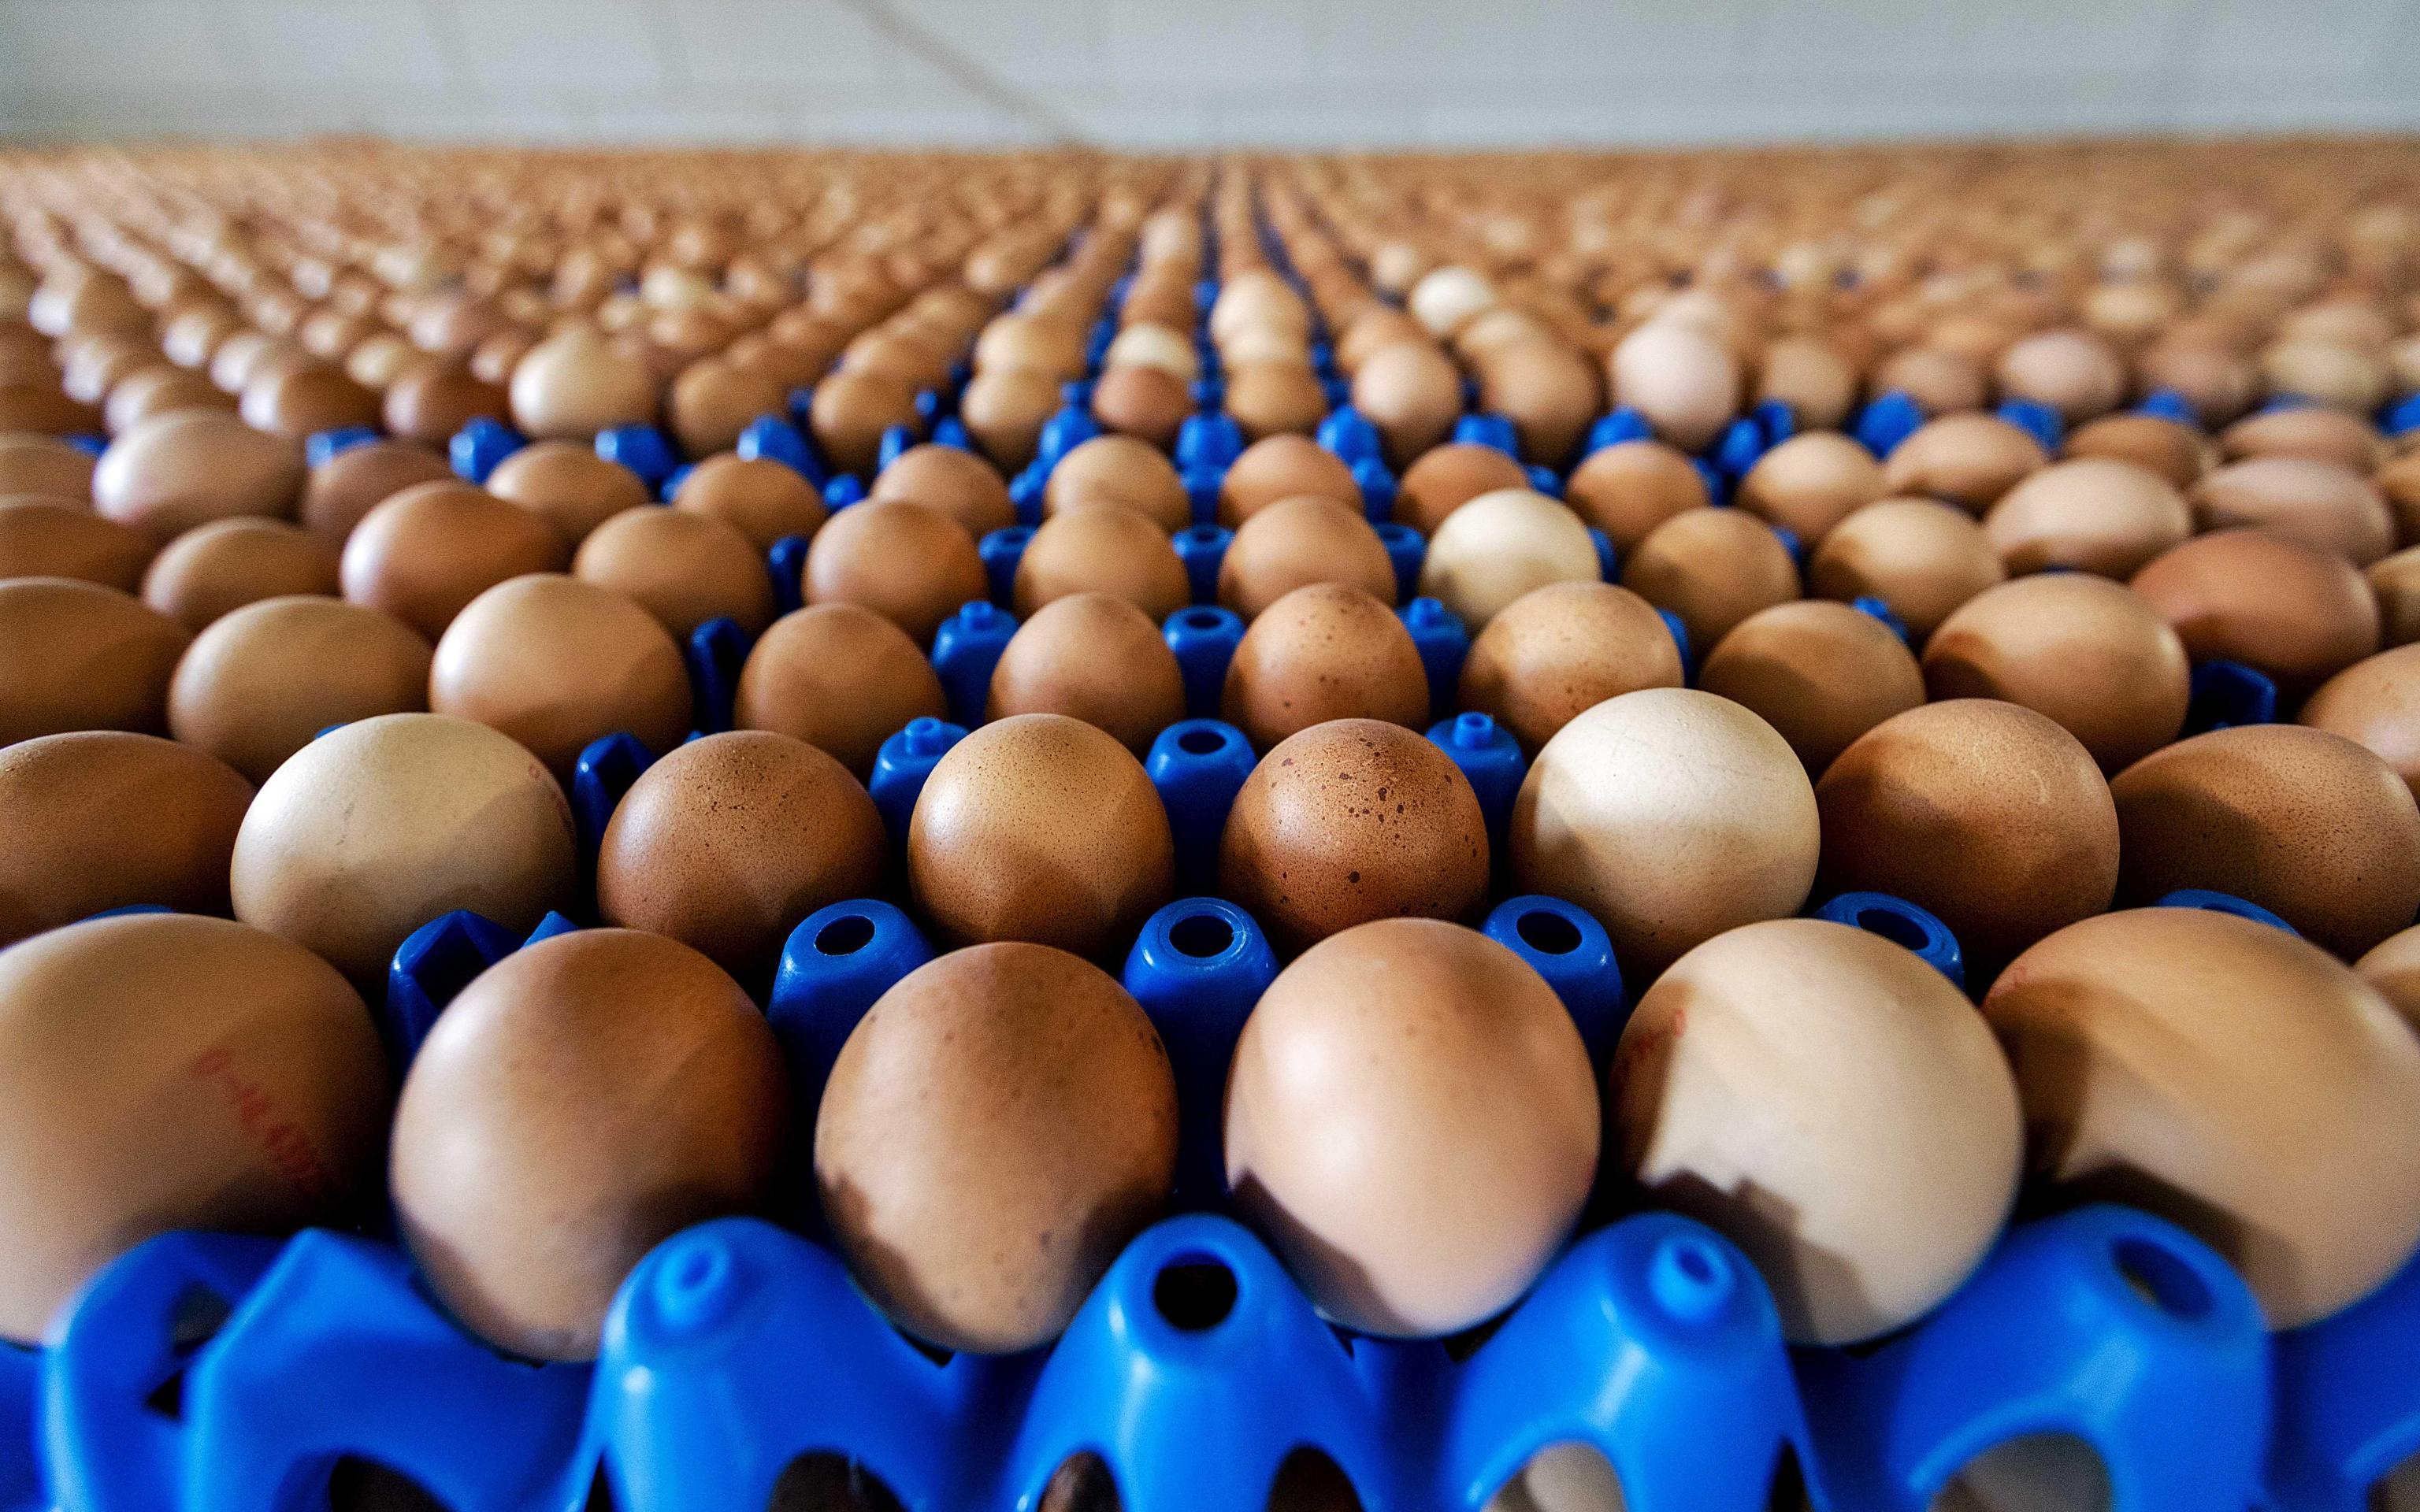 Germania, ritirate dal mercato milioni di uova olandesi contaminate dal Fipronil